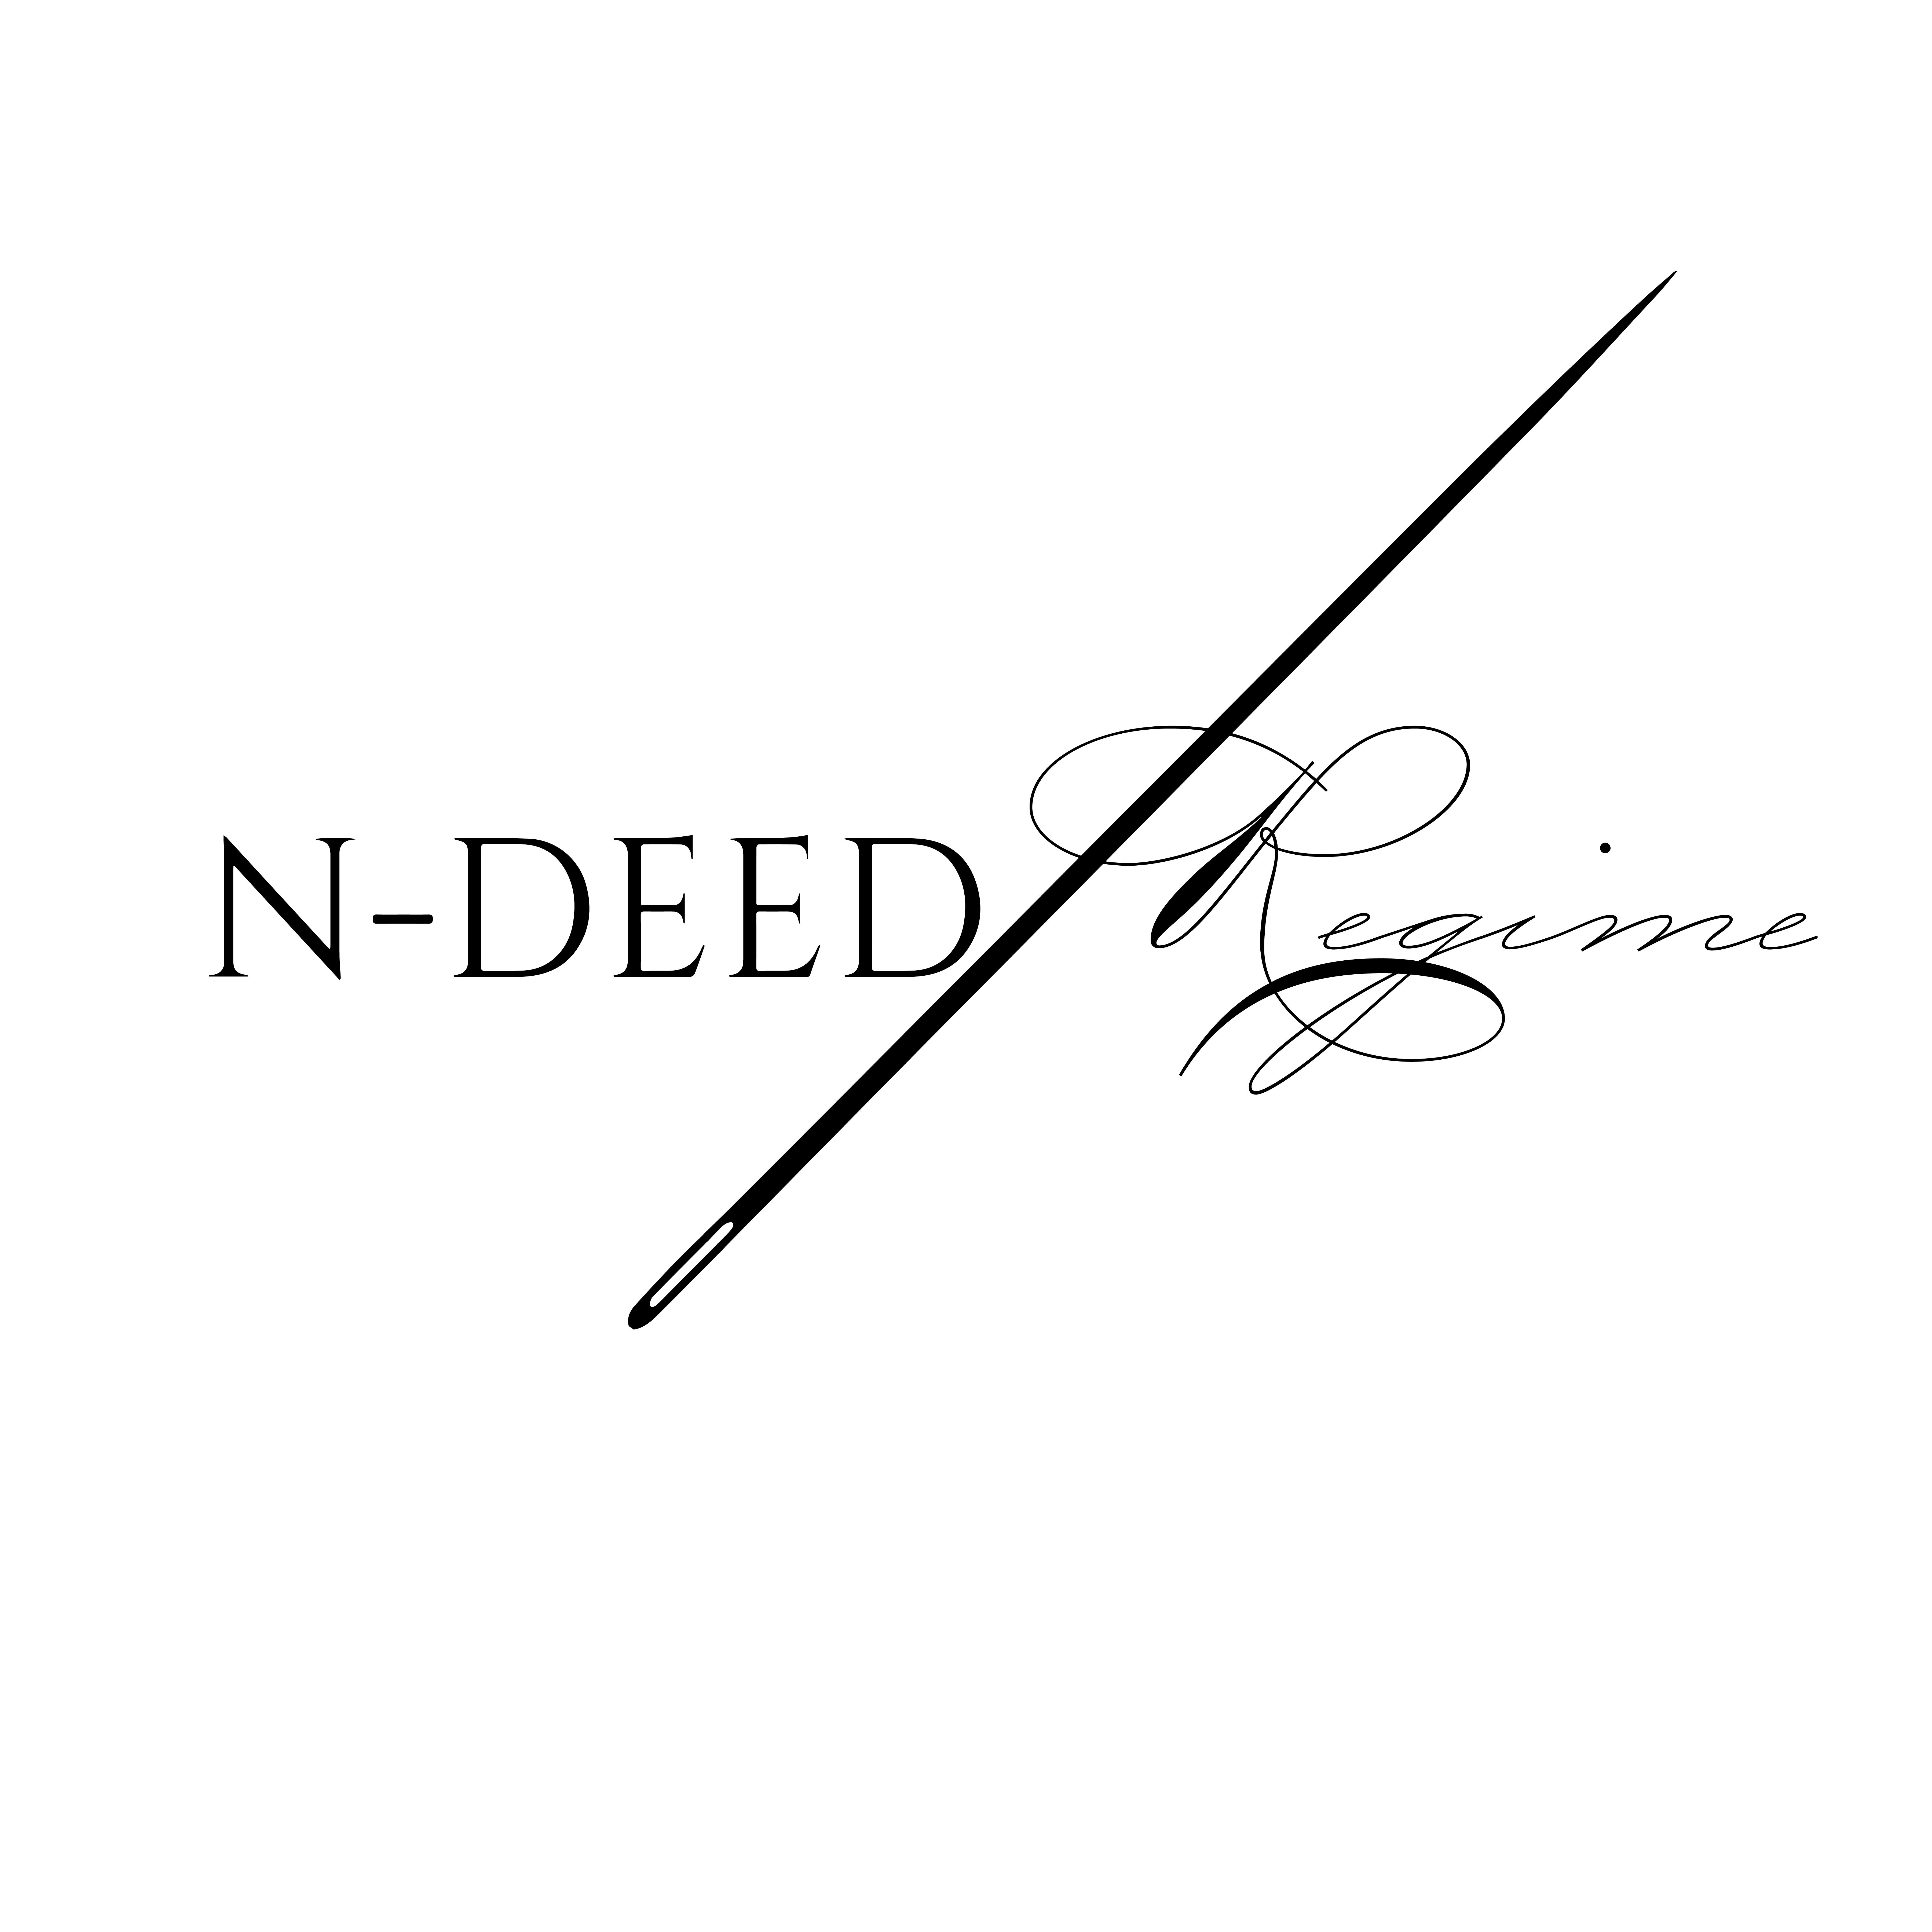 N-Deed Regime